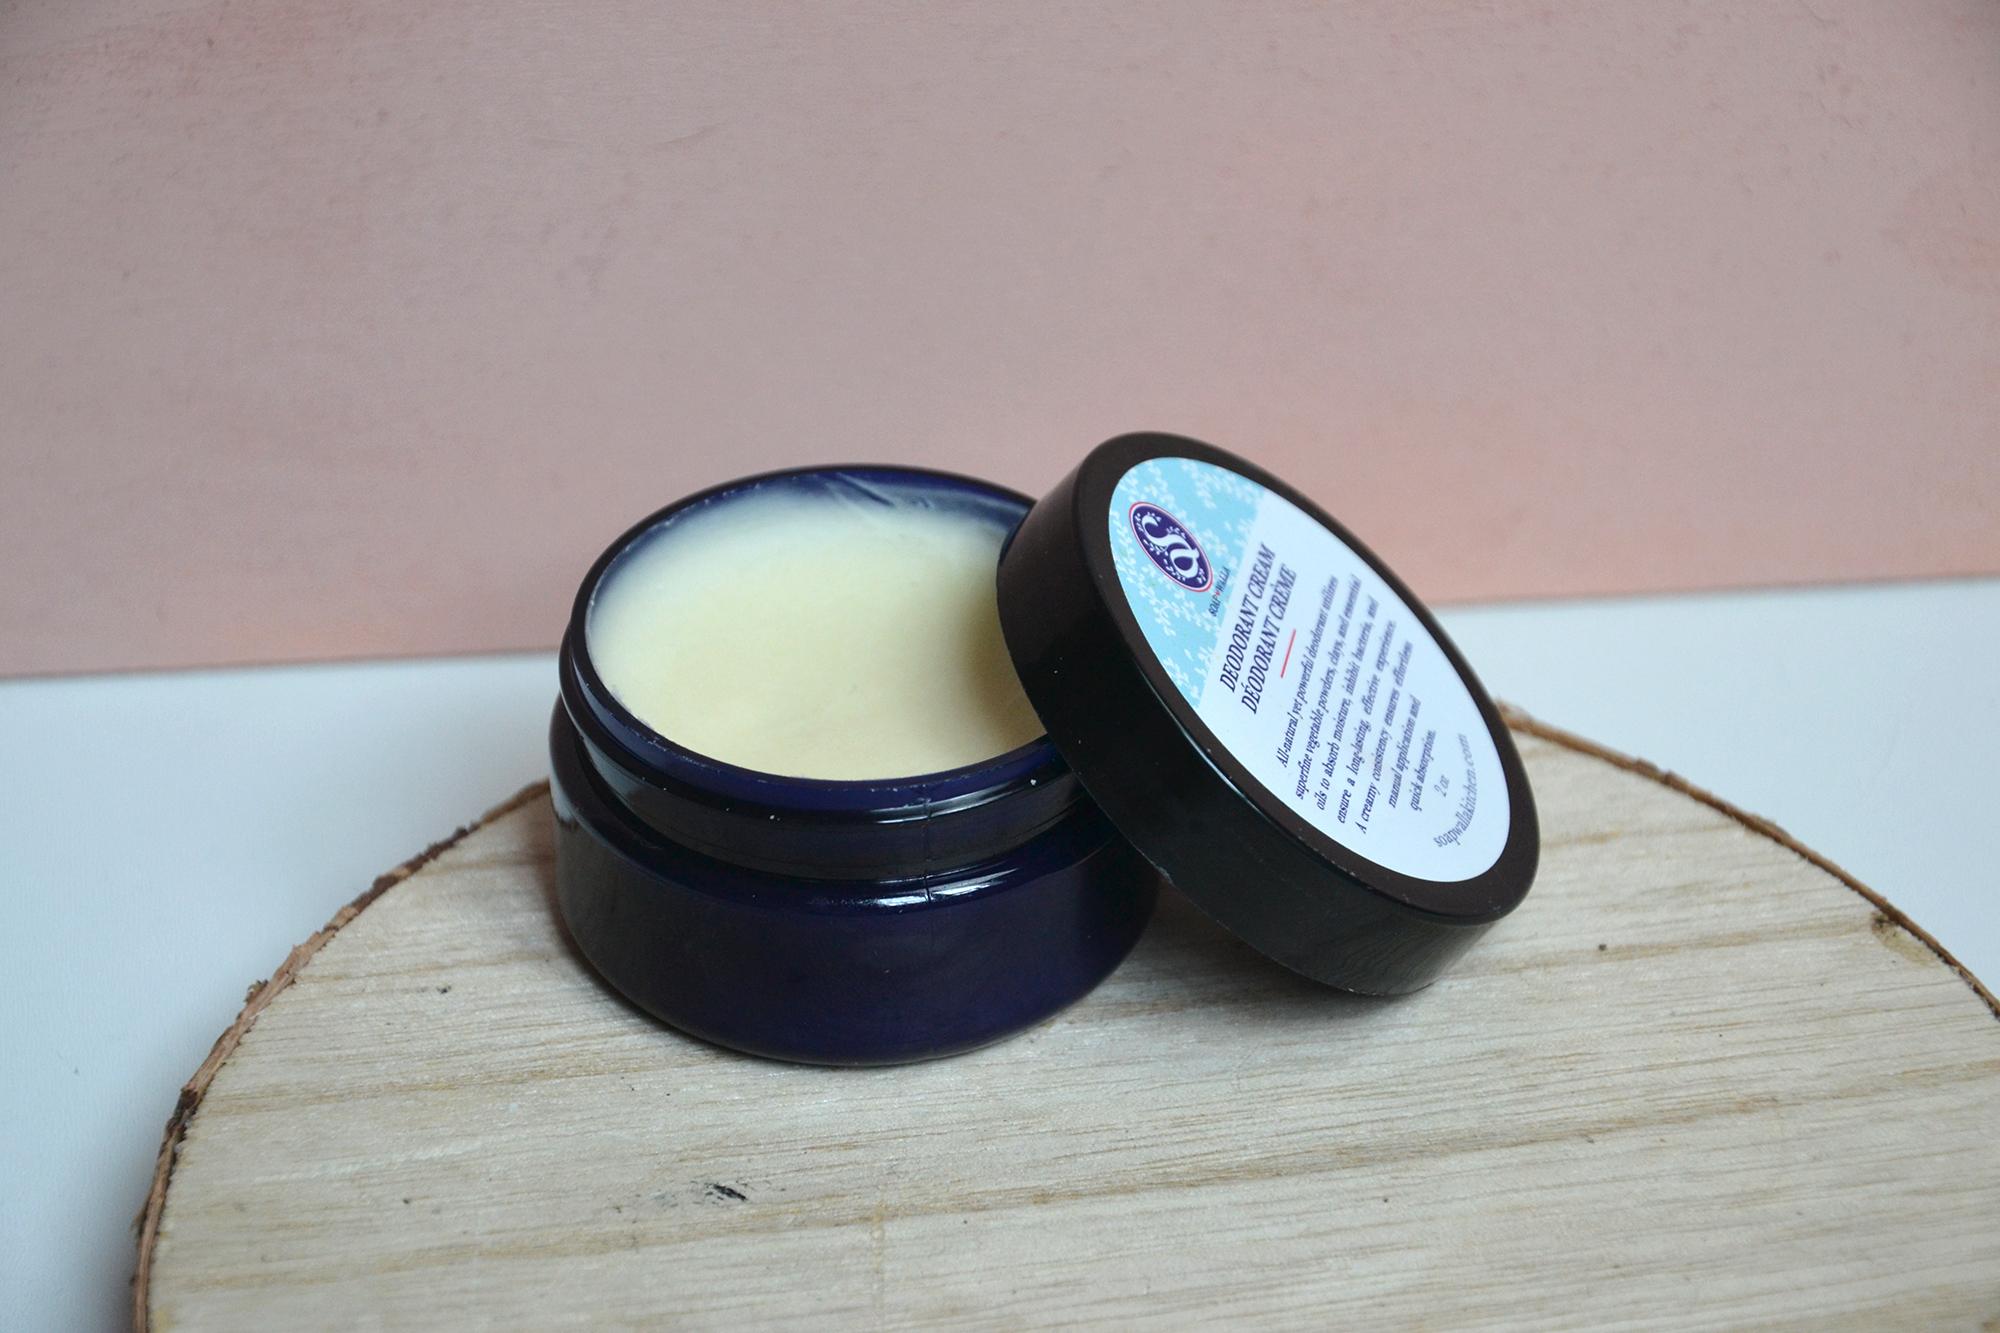 Pot de déodorant crème efficace